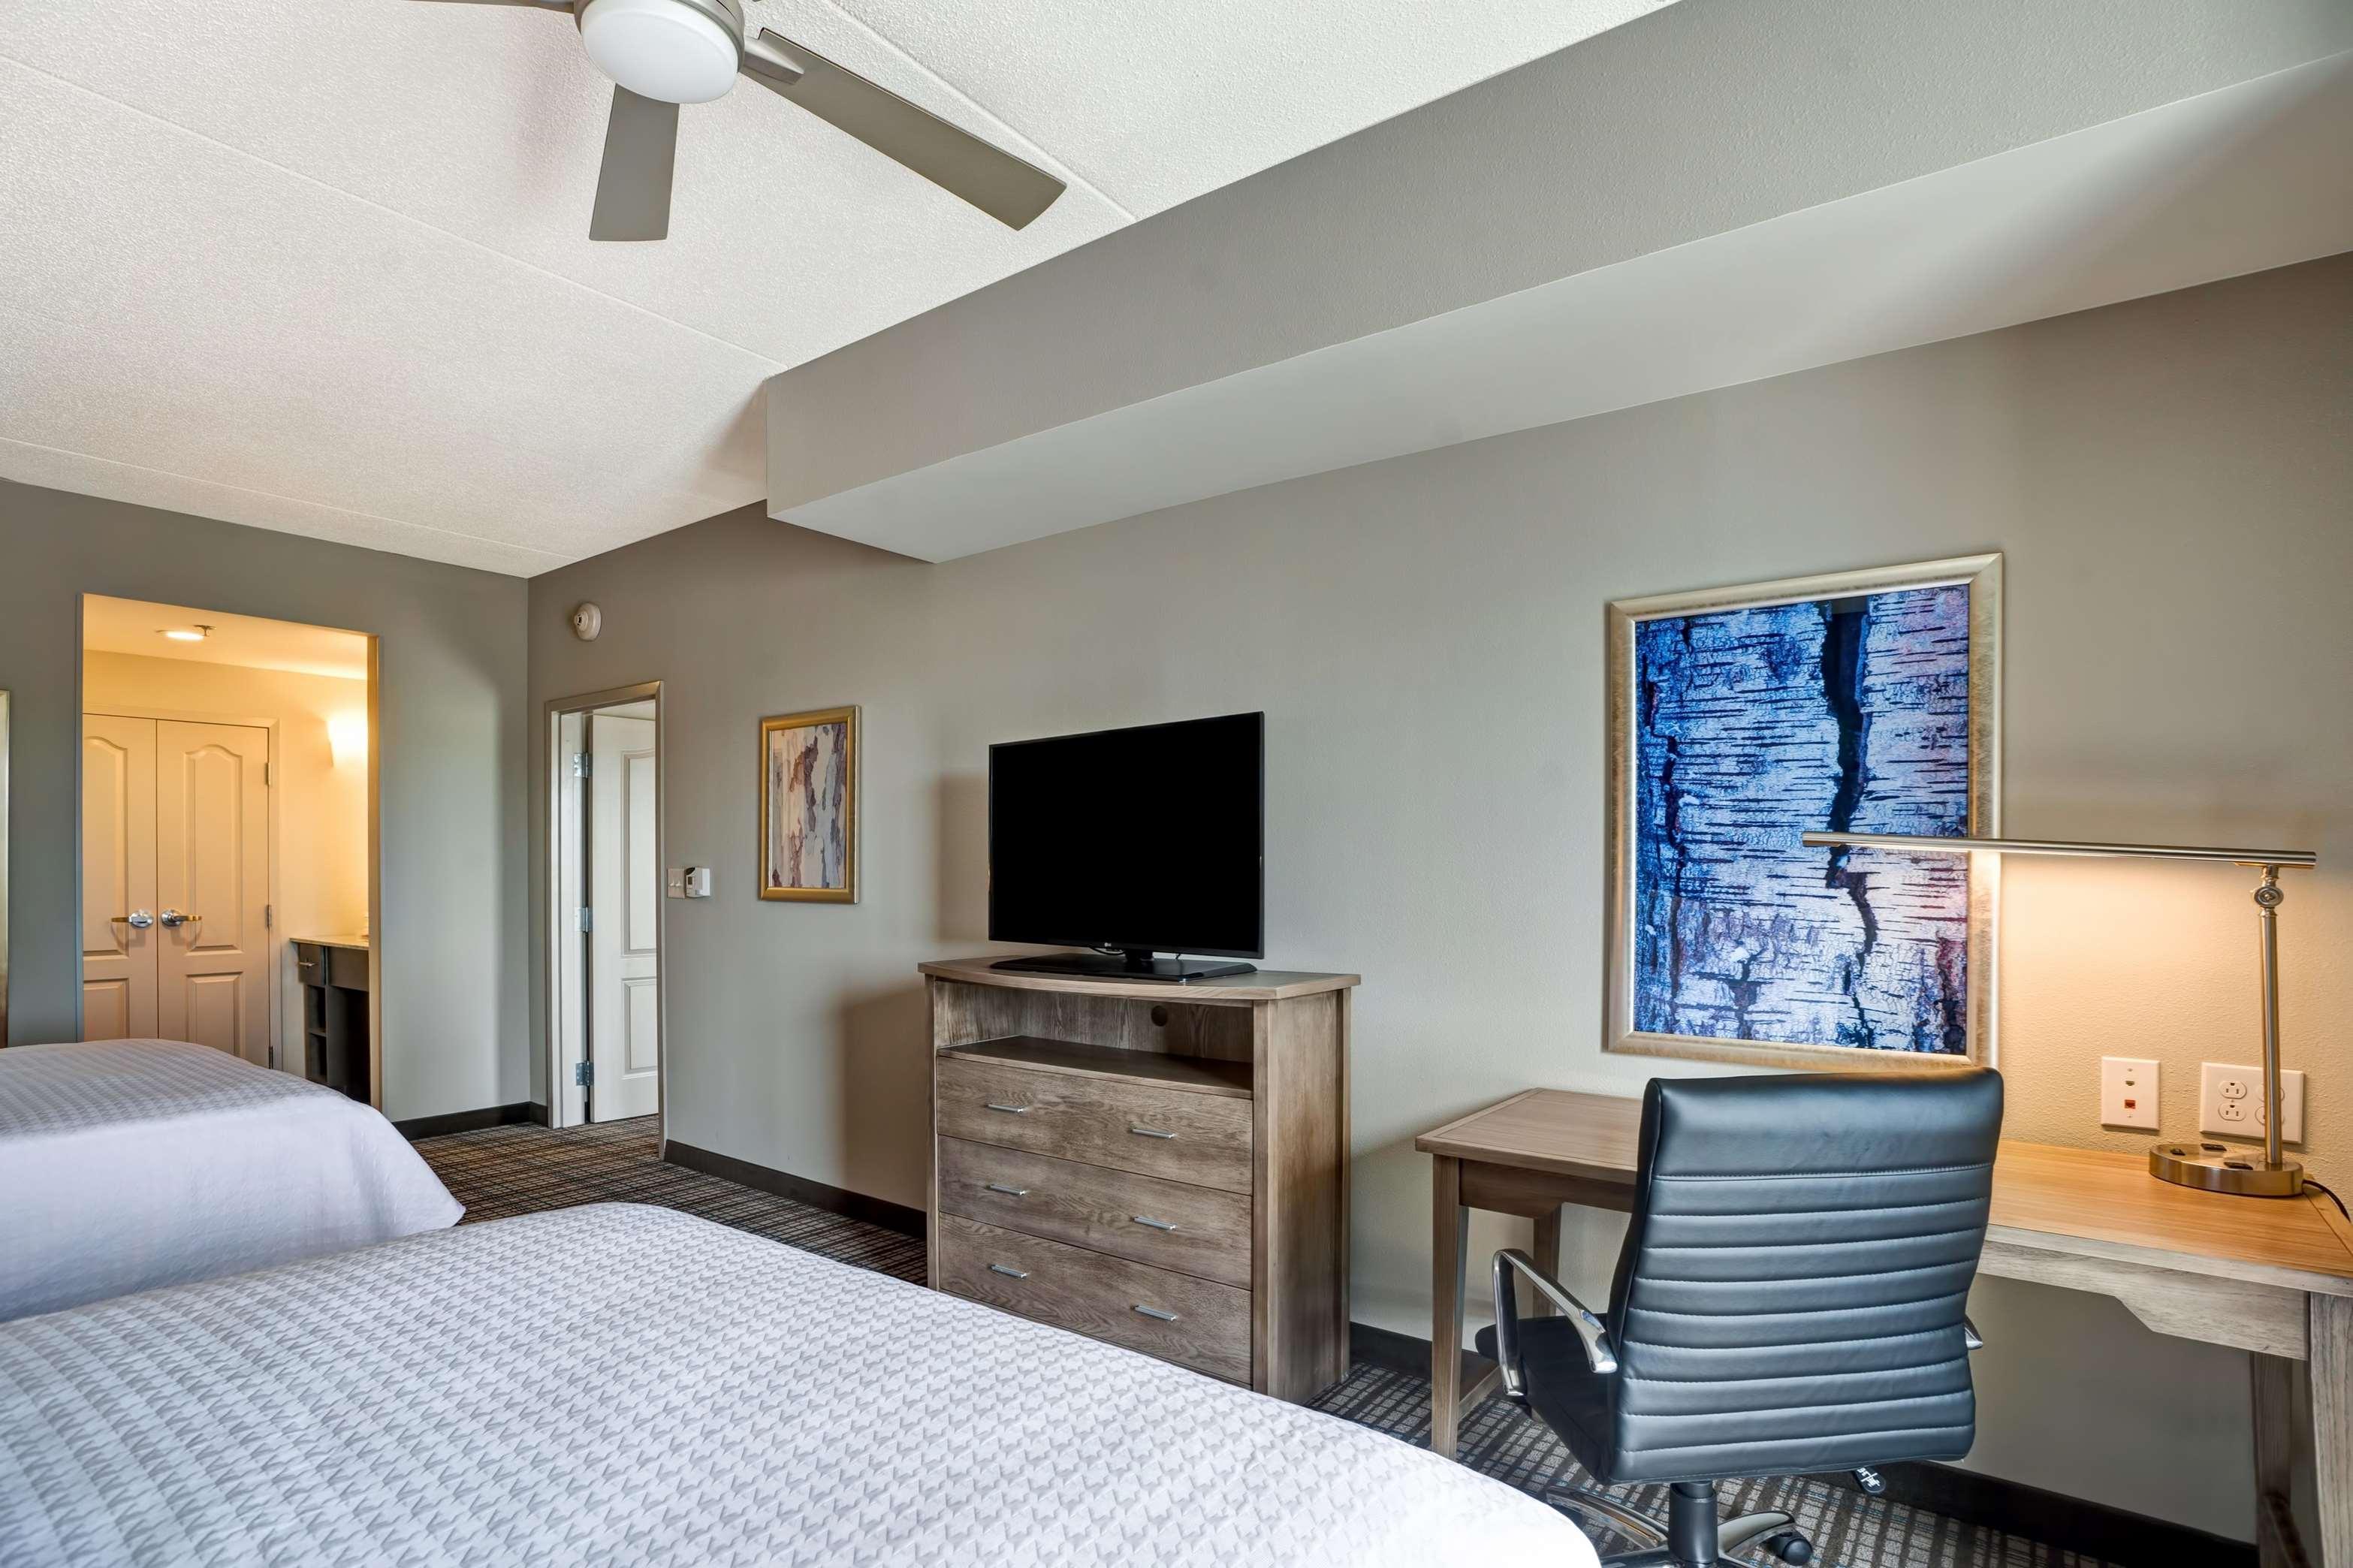 Homewood Suites by Hilton Nashville Franklin Cool Springs image 1